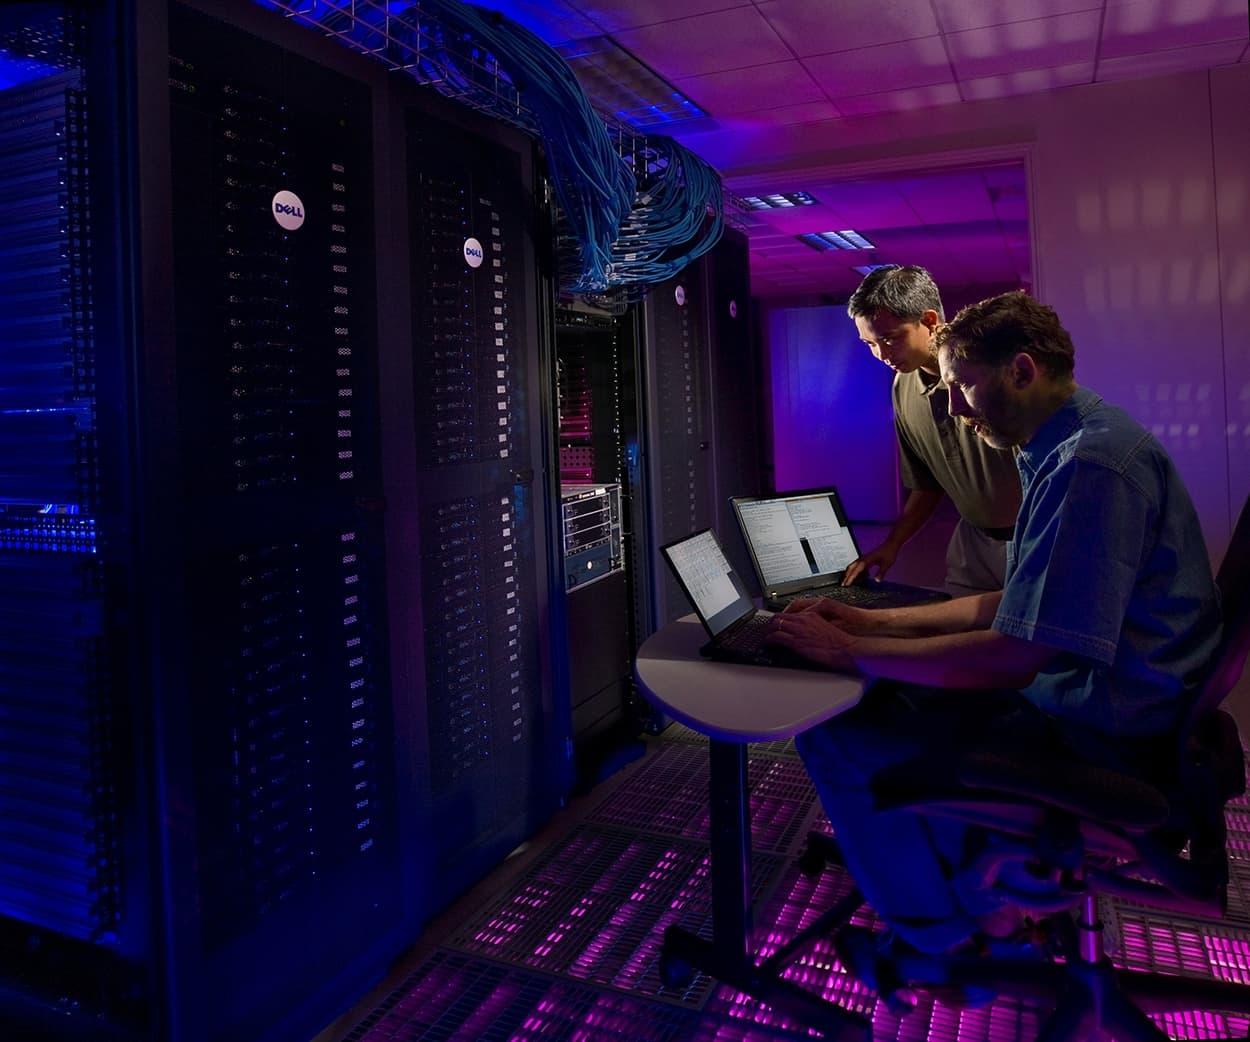 two men working in server room